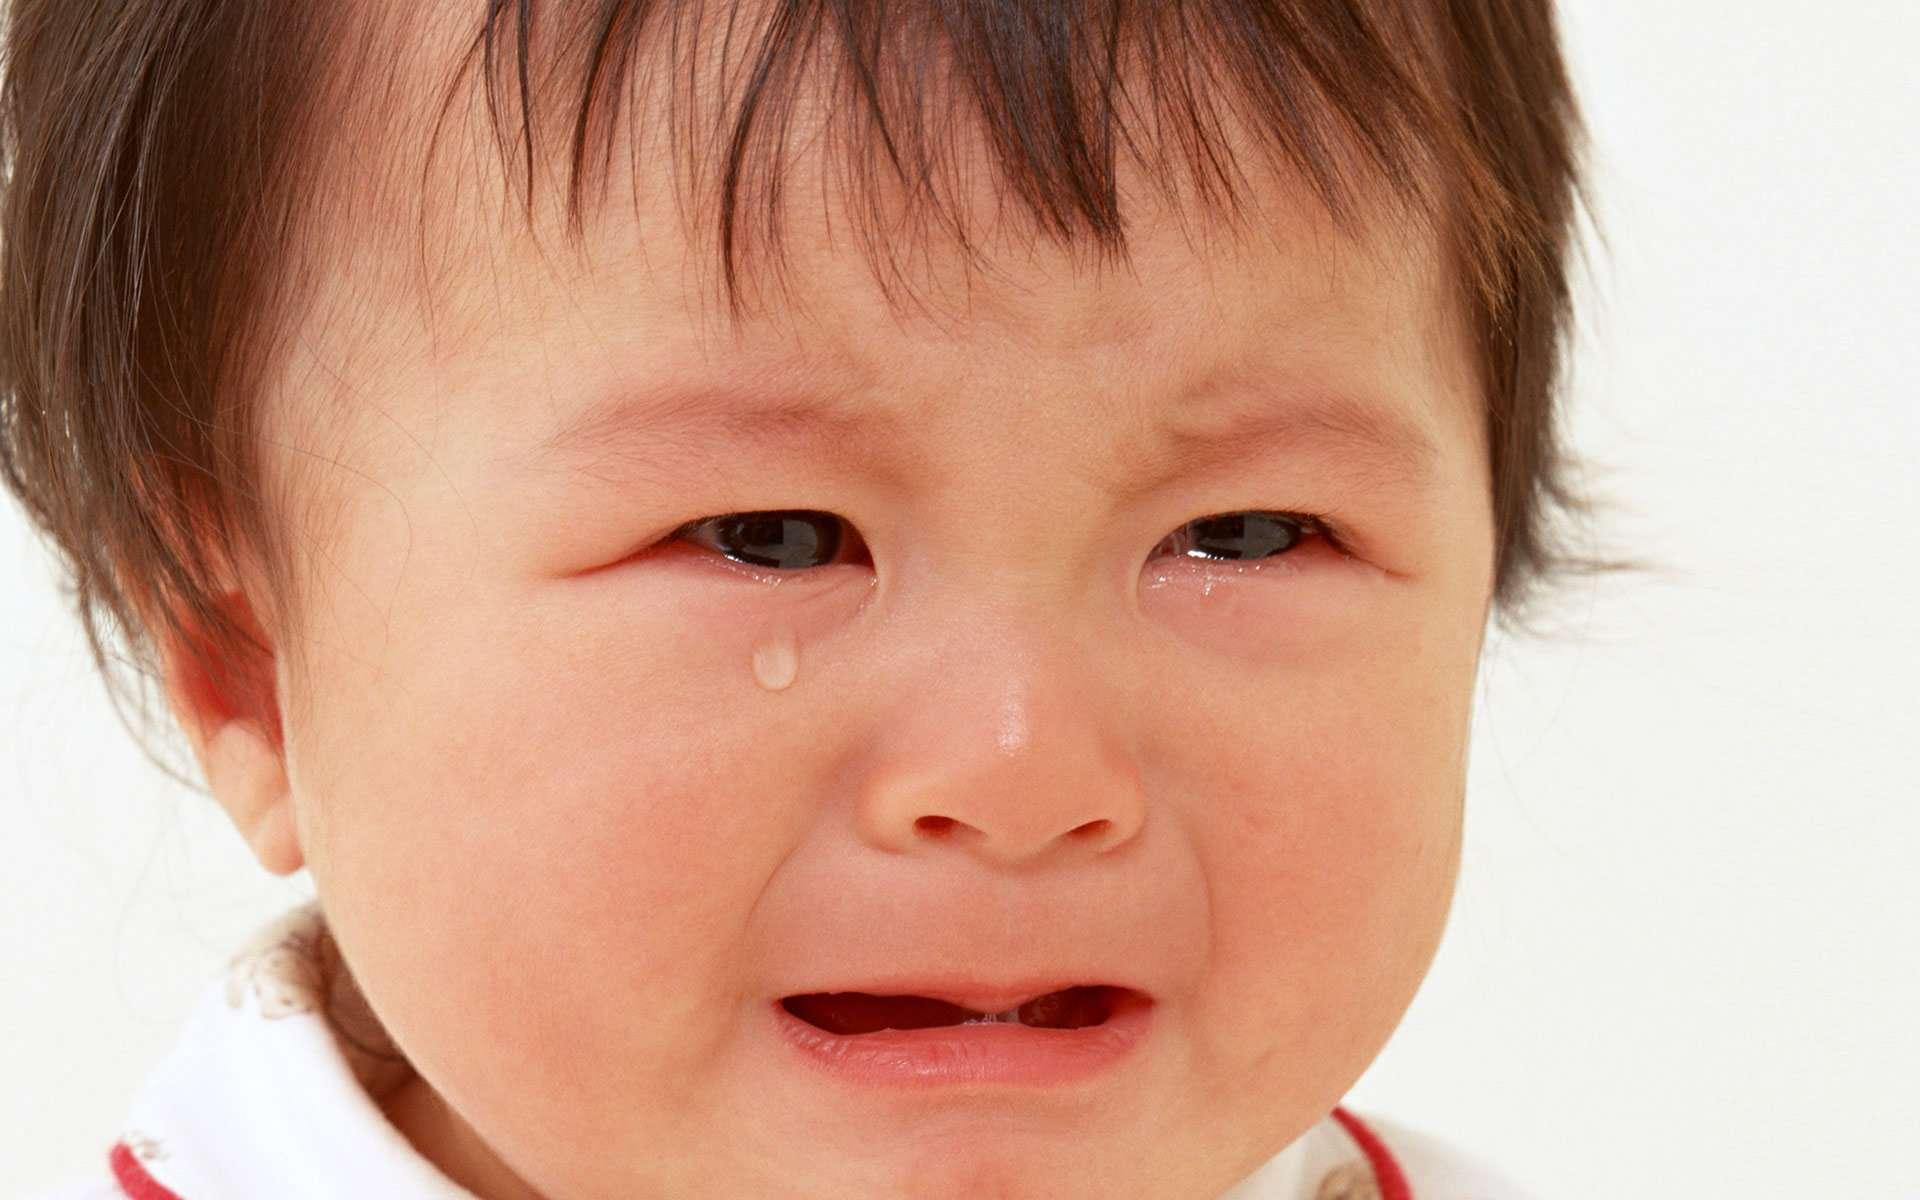 صورة أضرار كثرة البكاء على صحة الإنسان والأطفال بشكل خاص